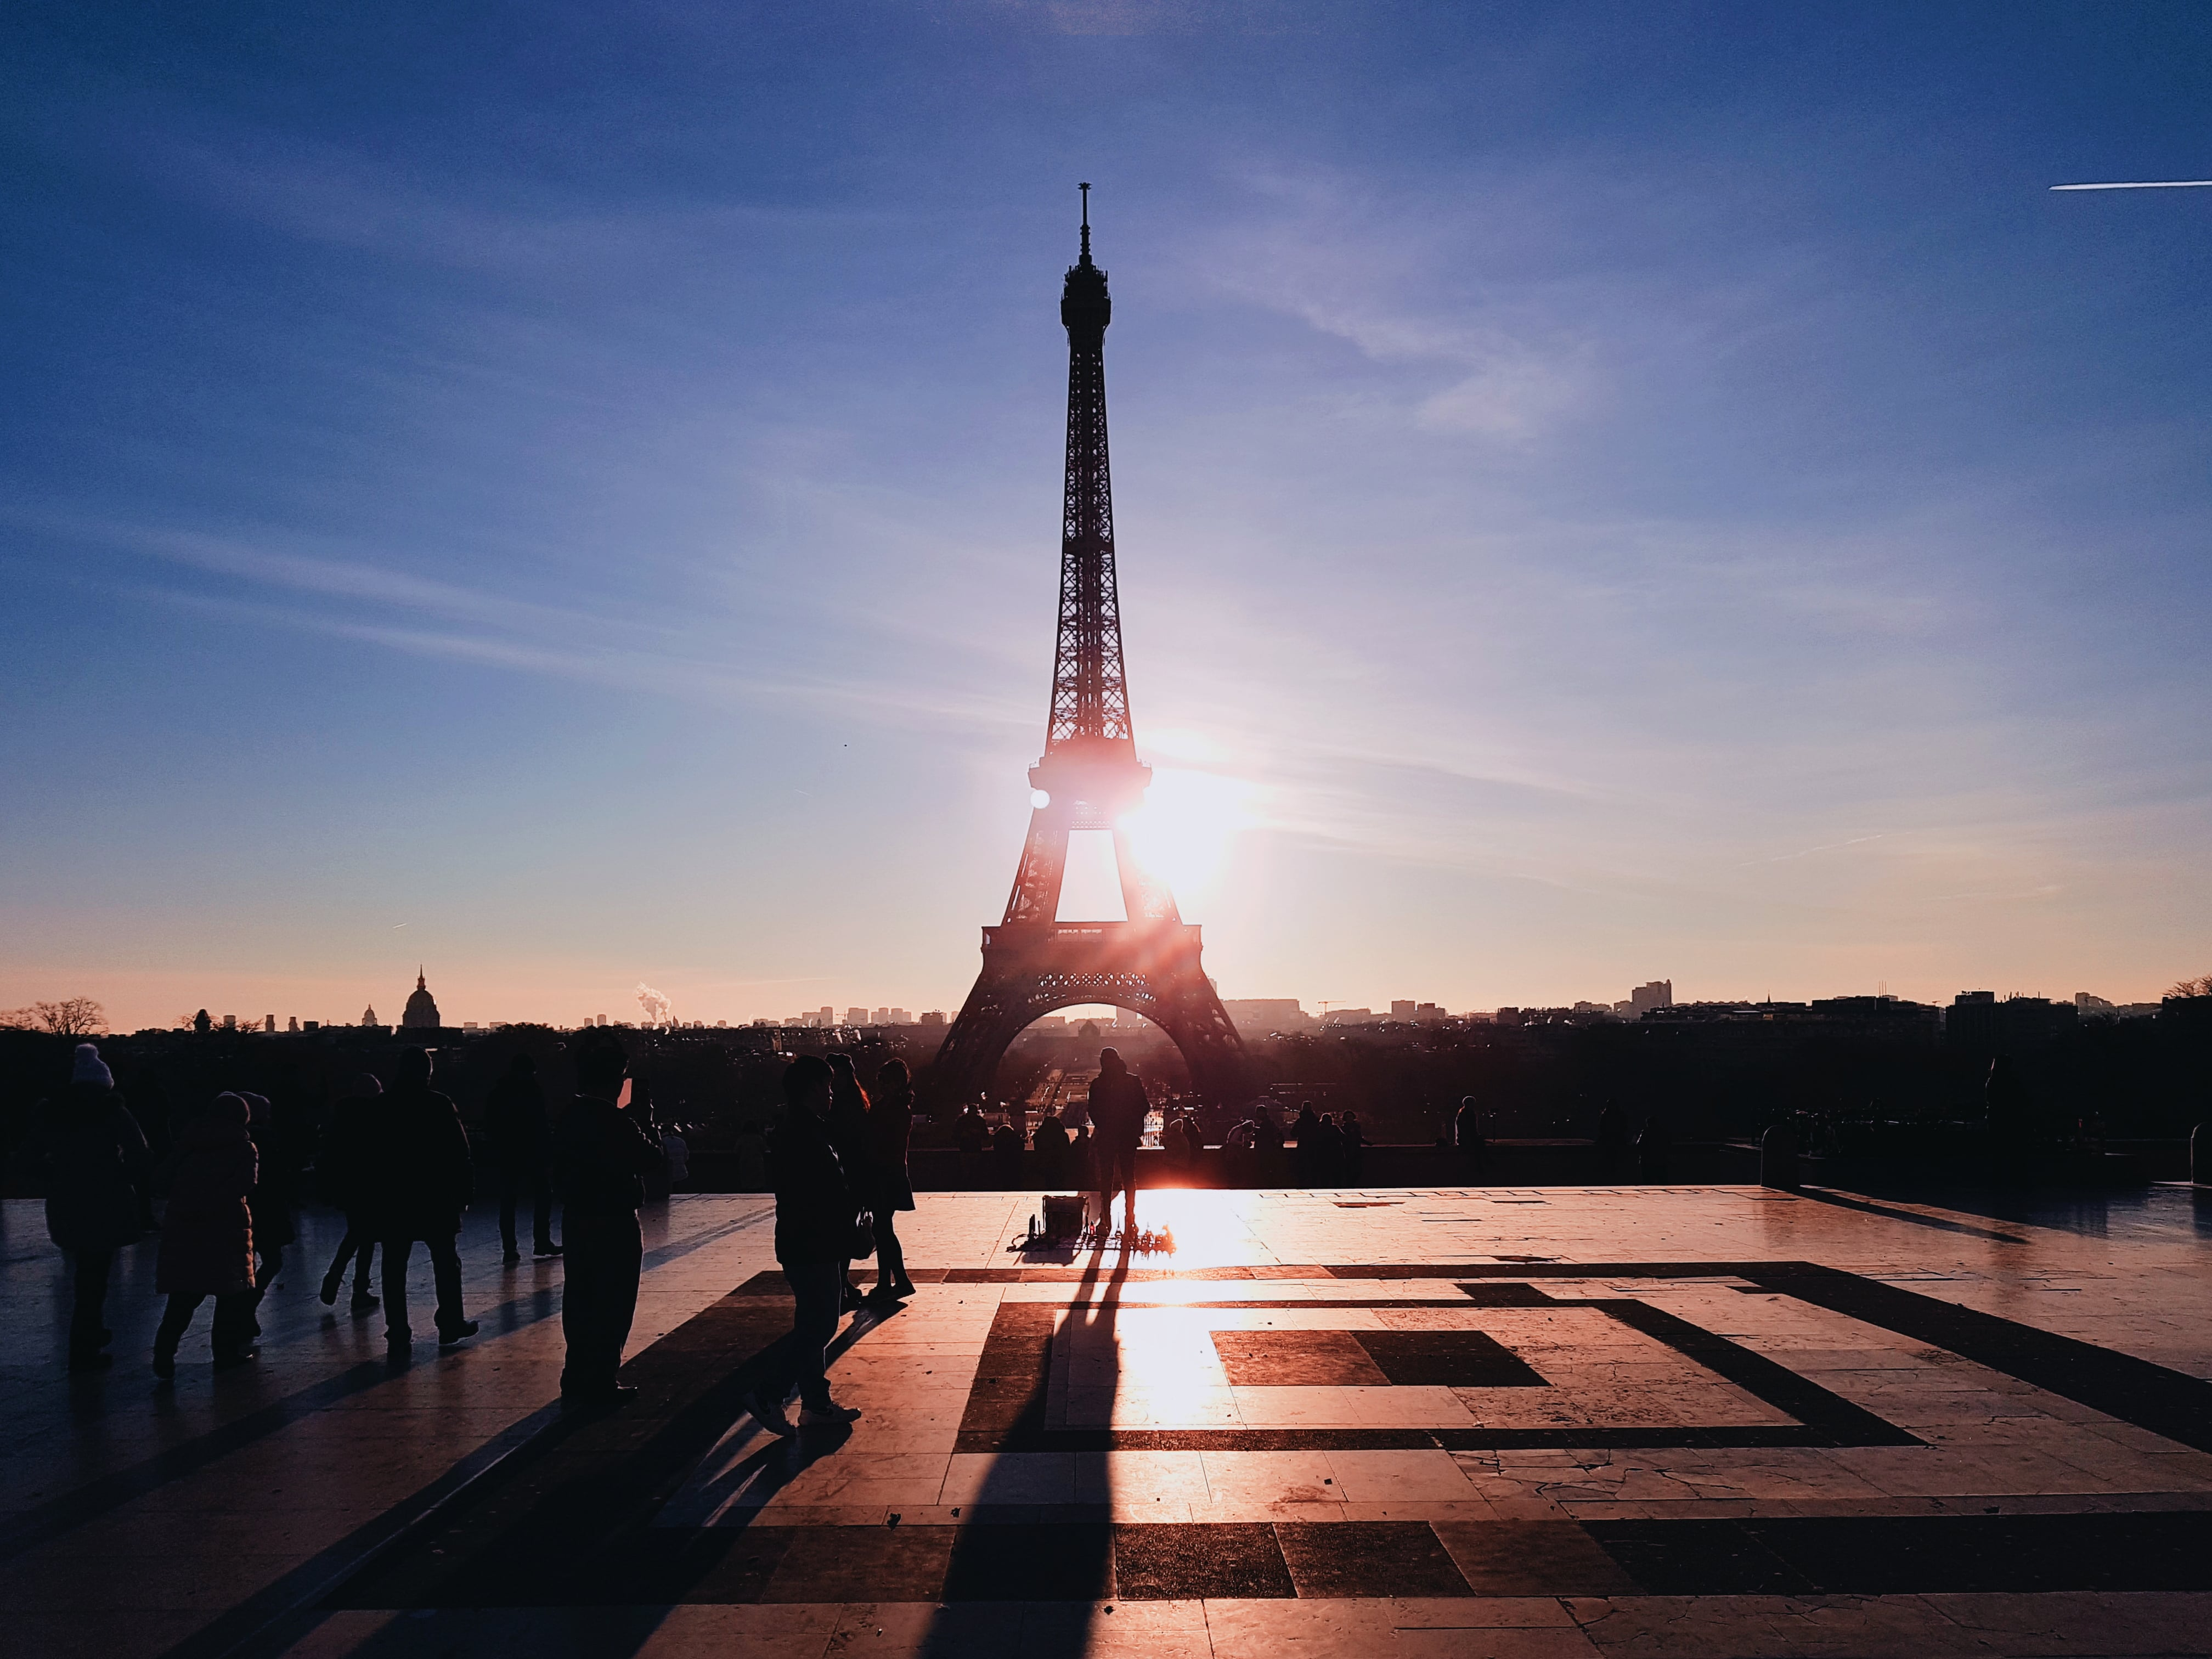 Posti più instagrammabili di Parigi? Dai vicoletti alla torre Eiffel, la lista è servita!